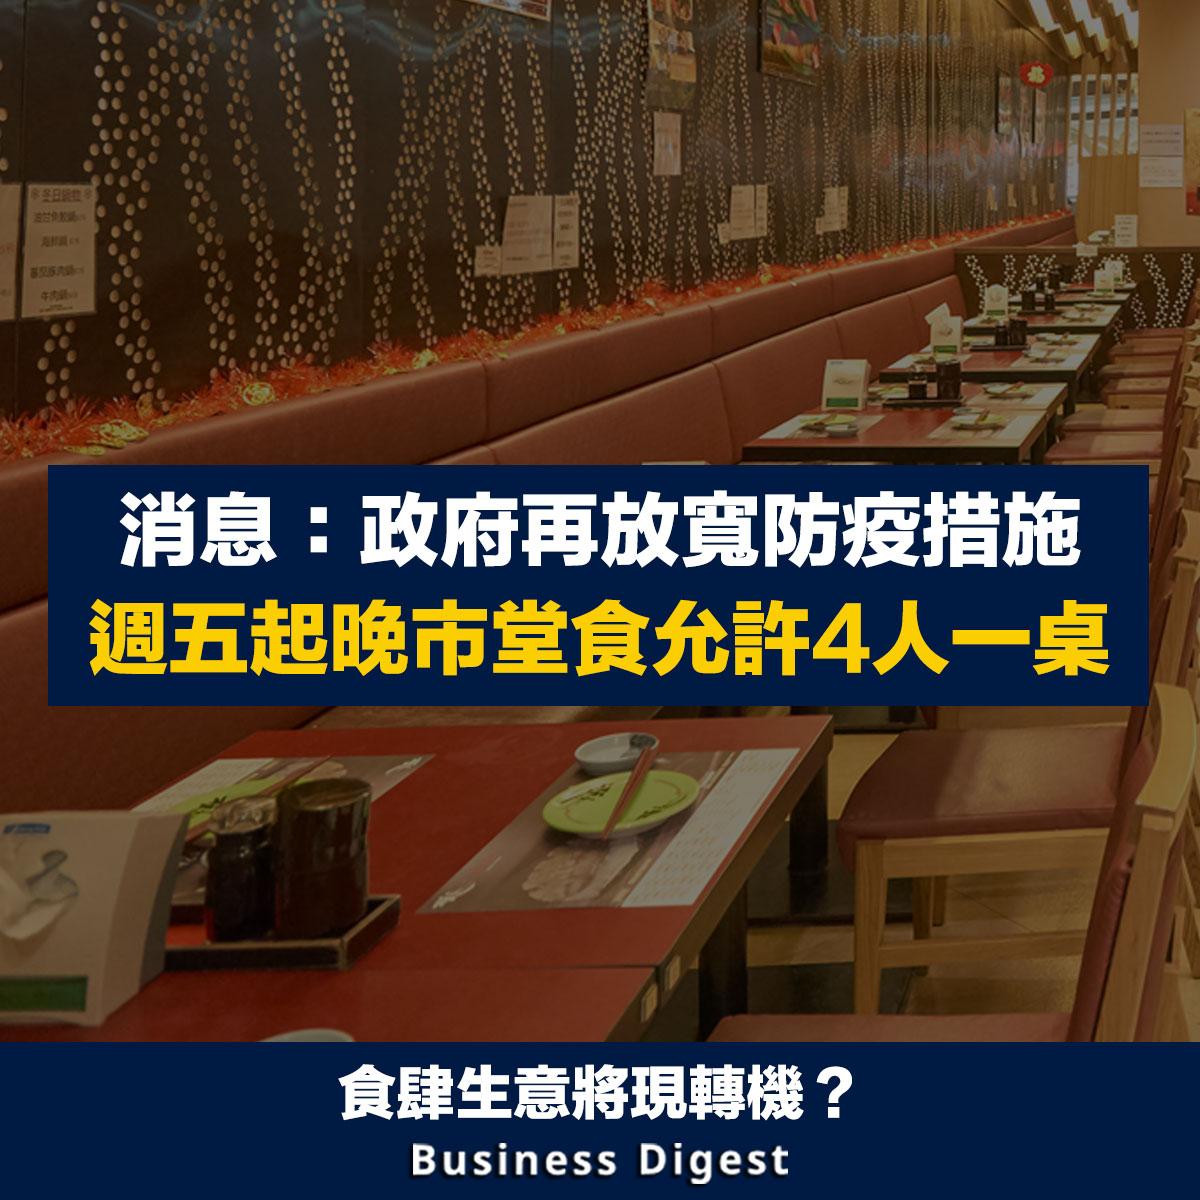 【商業熱話】消息:政府再放寬防疫措施,週五起晚市堂食允許4人一桌